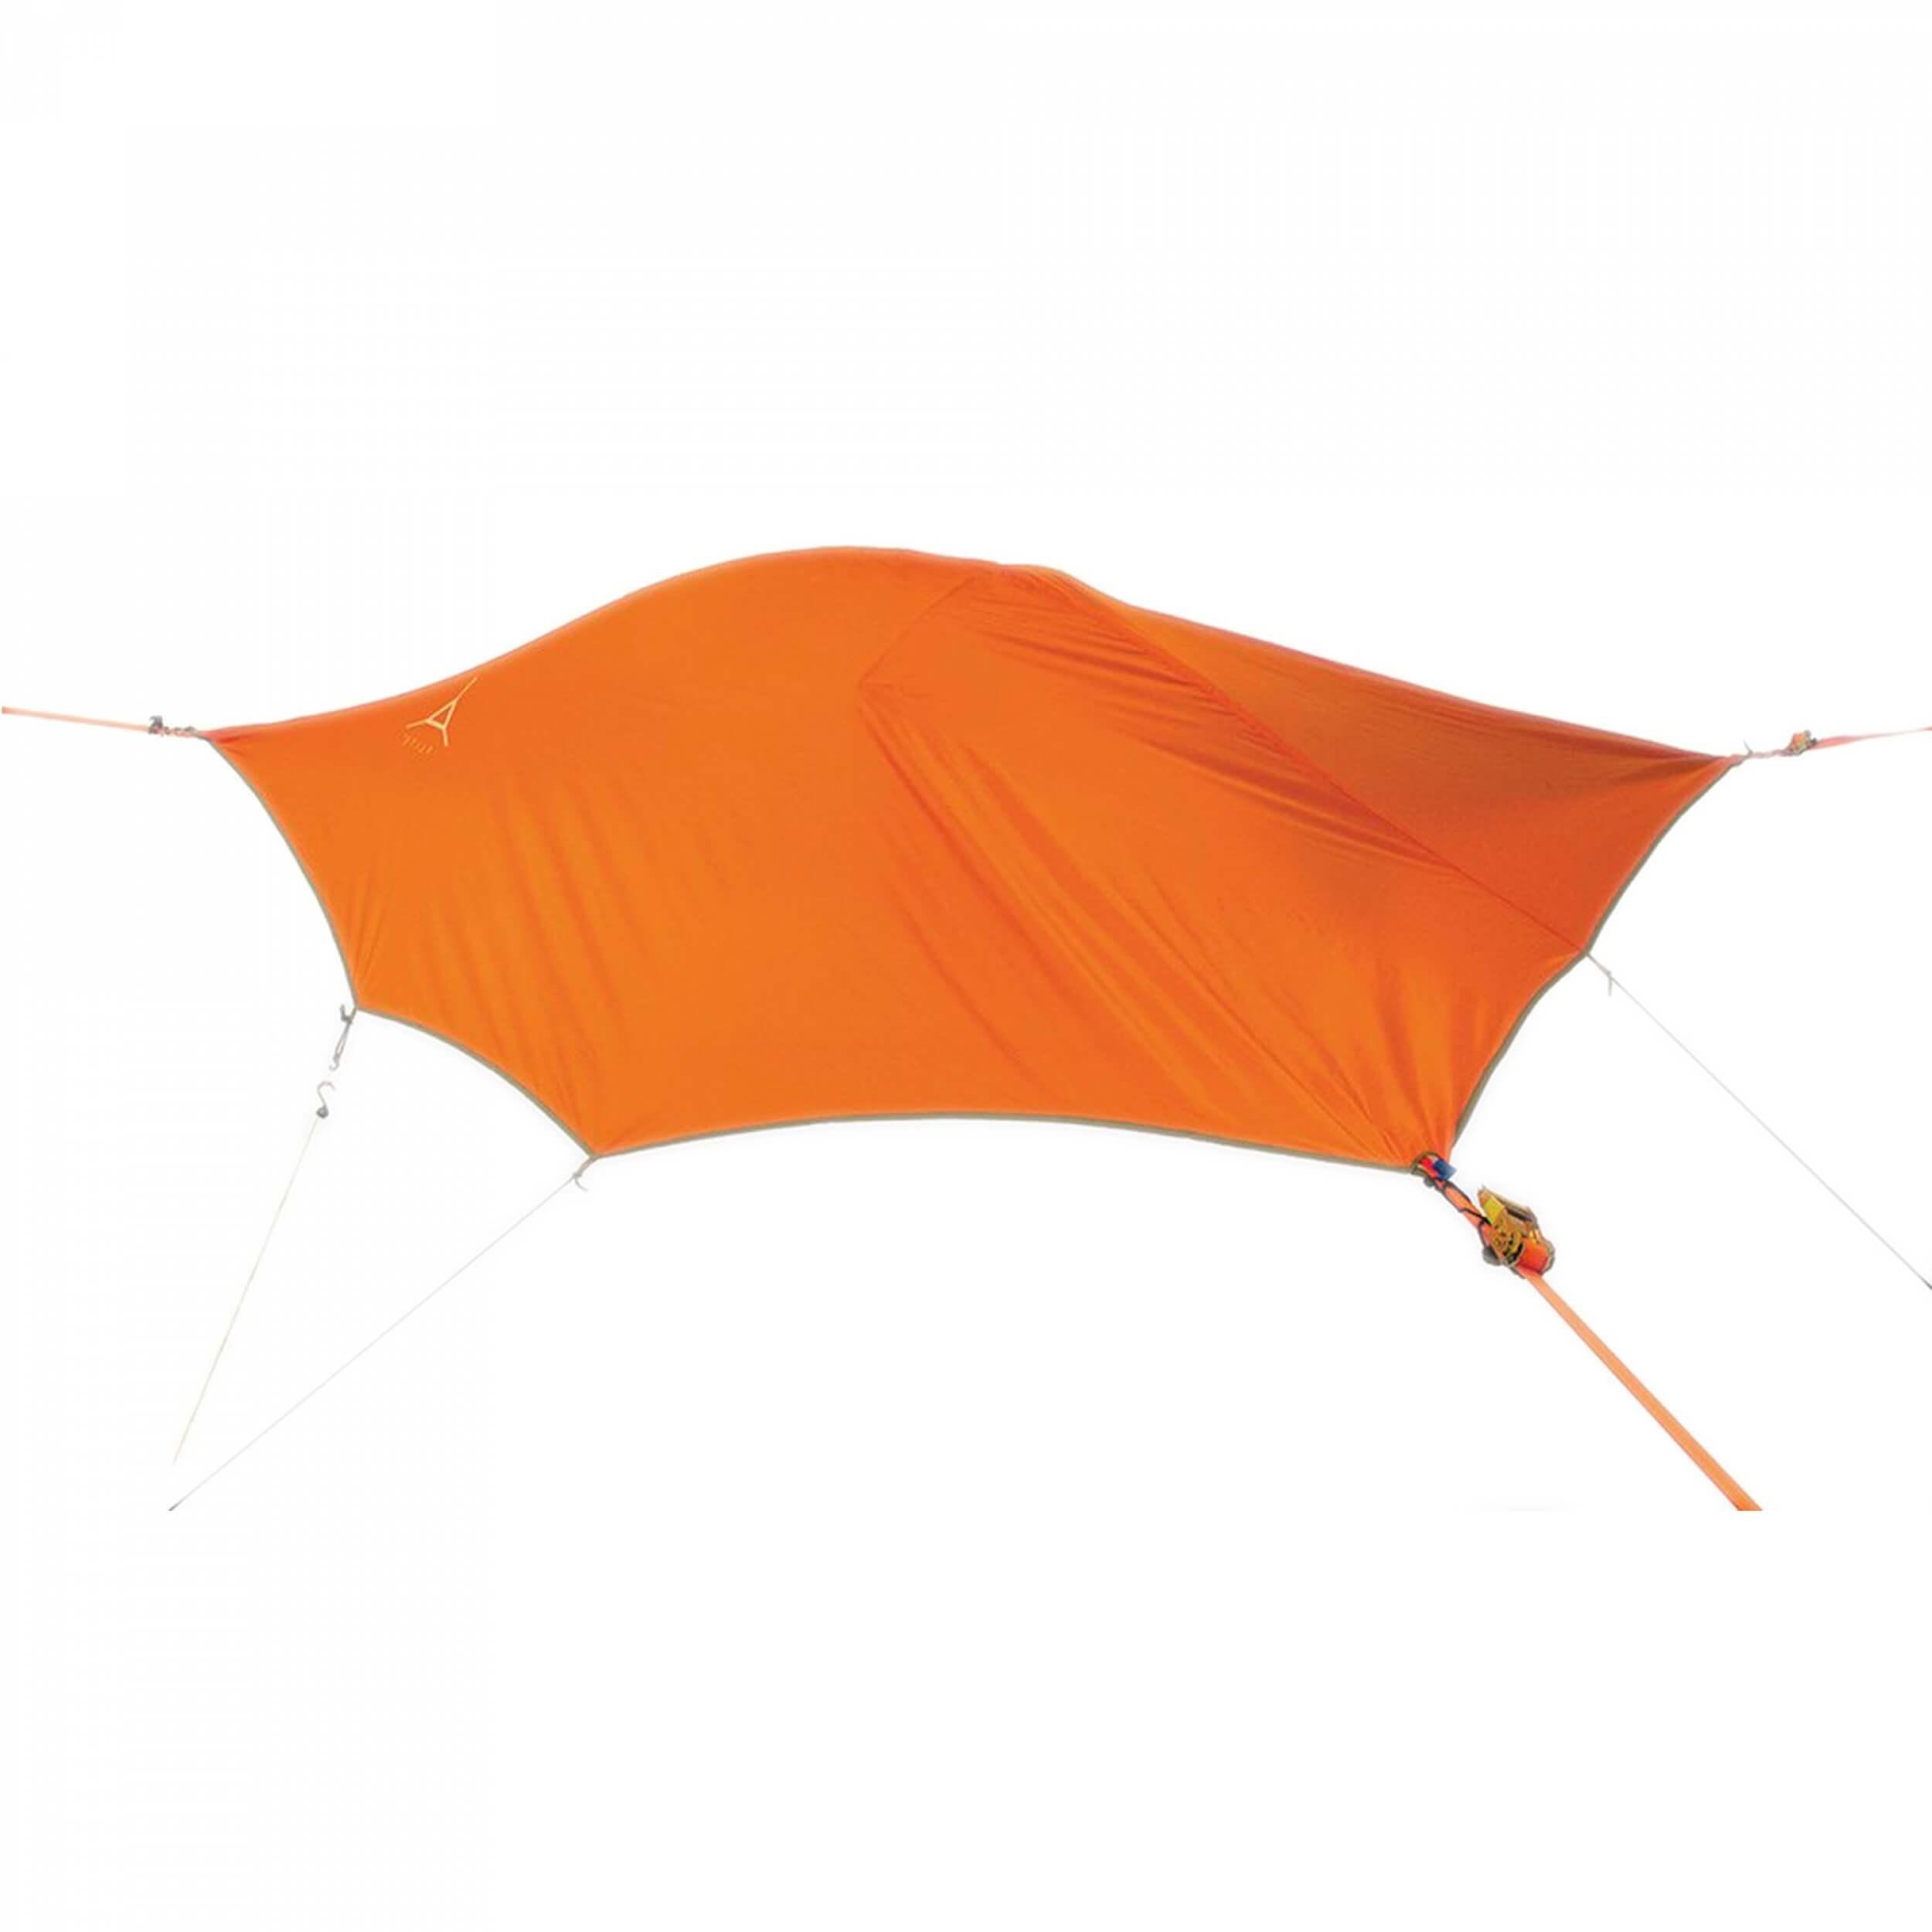 Hängematte Zelt 2 Personen : Tentsile flite baumzelt orange personen zelt